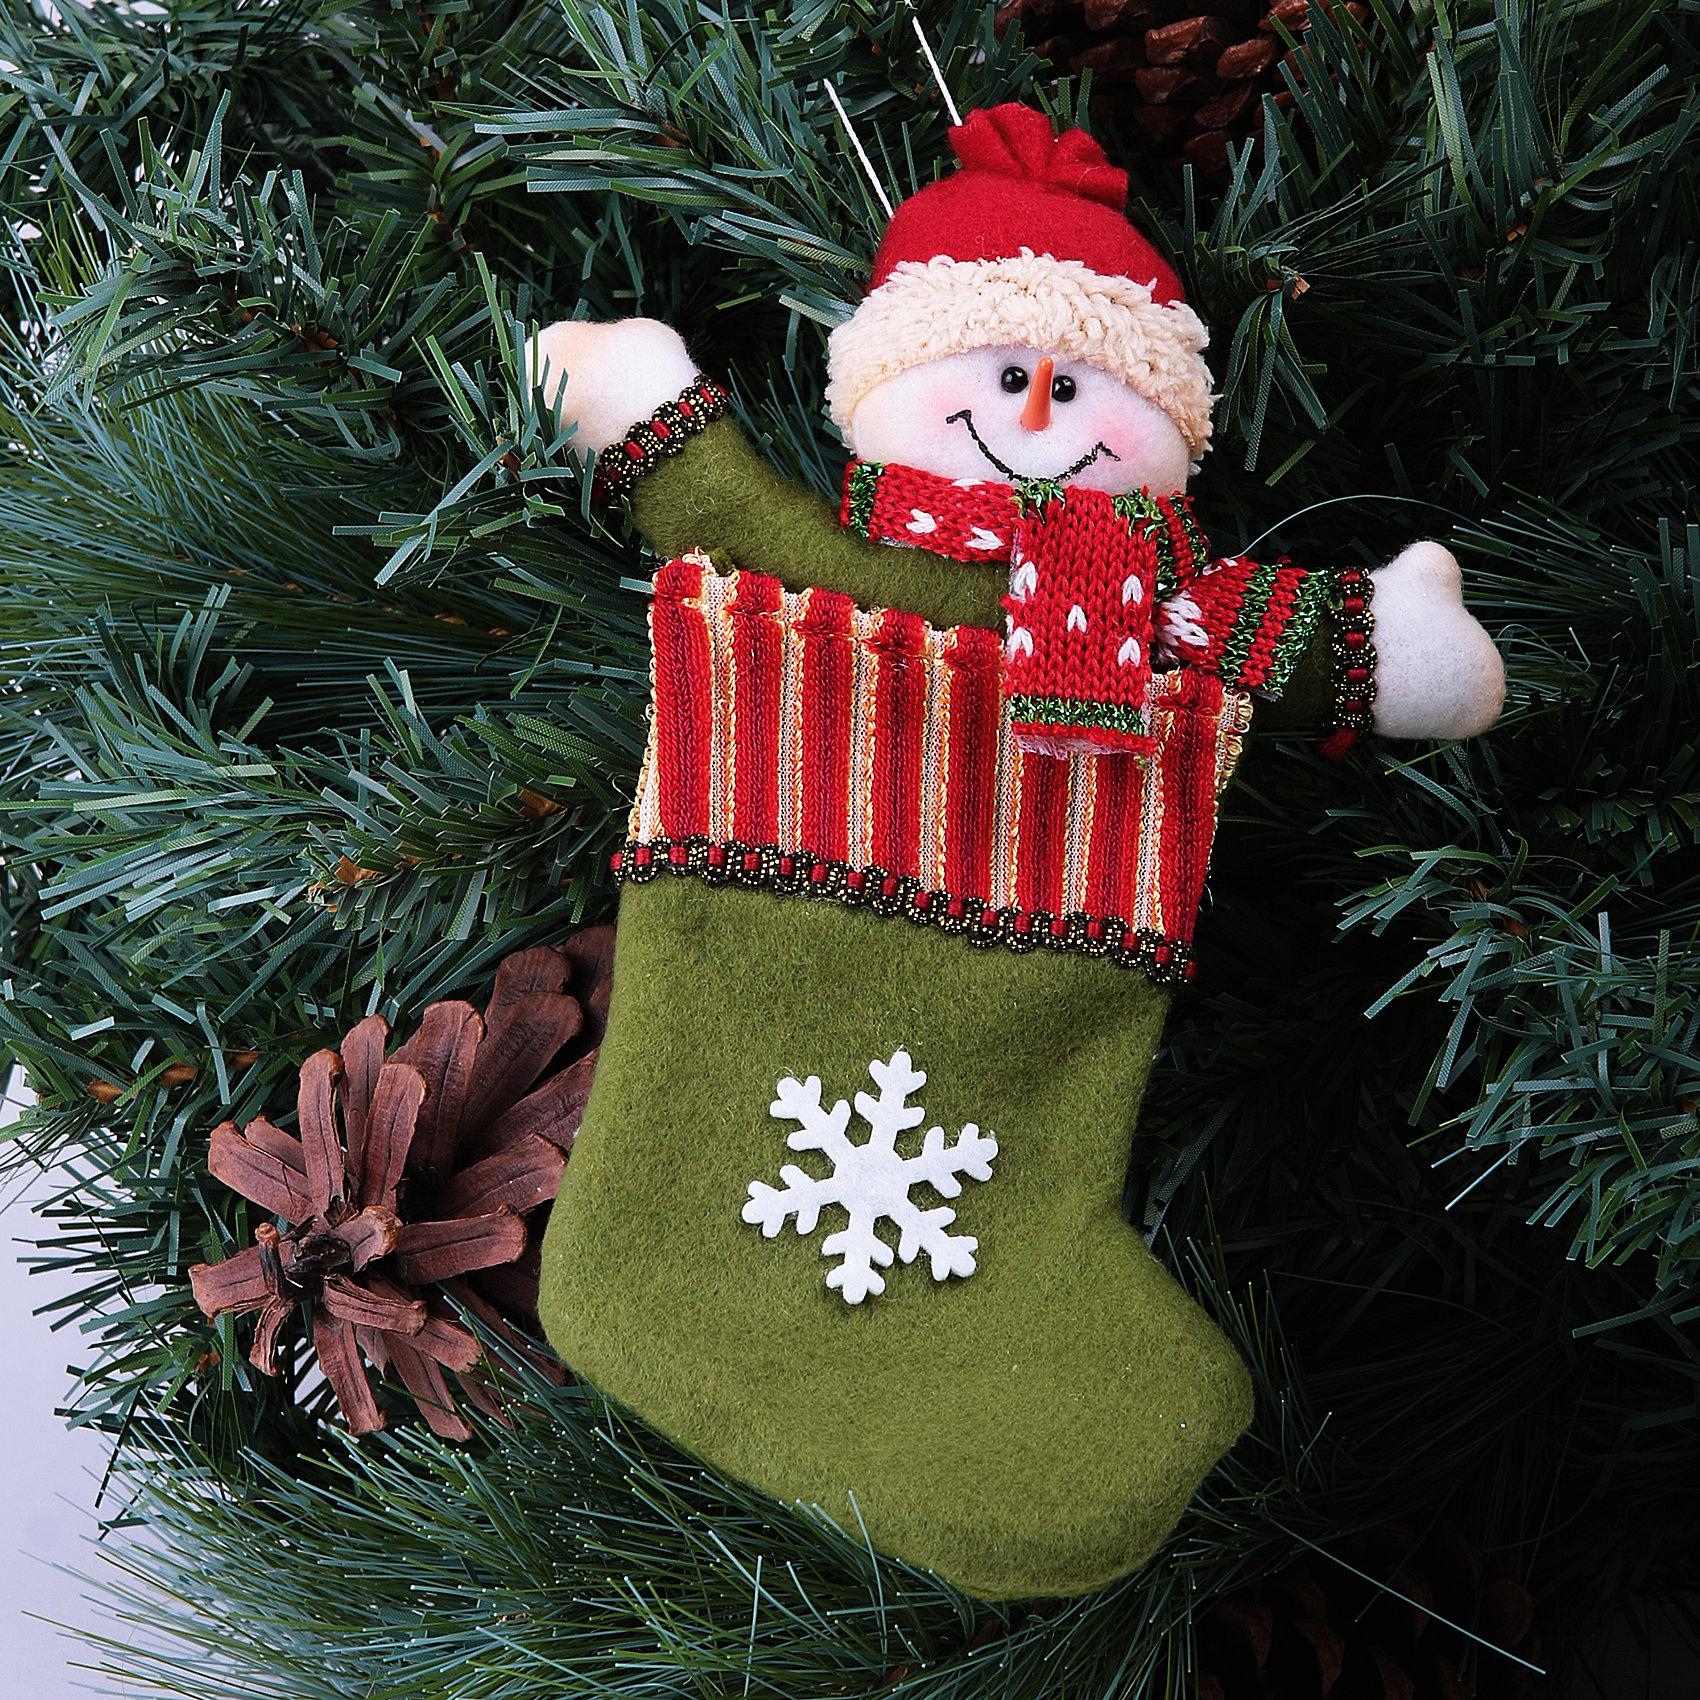 Новогоднее подвесное украшение (полиэстер)Всё для праздника<br>Новогоднее подвесное украшение арт.30807(полиэстер) / 23<br><br>Ширина мм: 230<br>Глубина мм: 130<br>Высота мм: 60<br>Вес г: 30<br>Возраст от месяцев: 60<br>Возраст до месяцев: 600<br>Пол: Унисекс<br>Возраст: Детский<br>SKU: 5144623